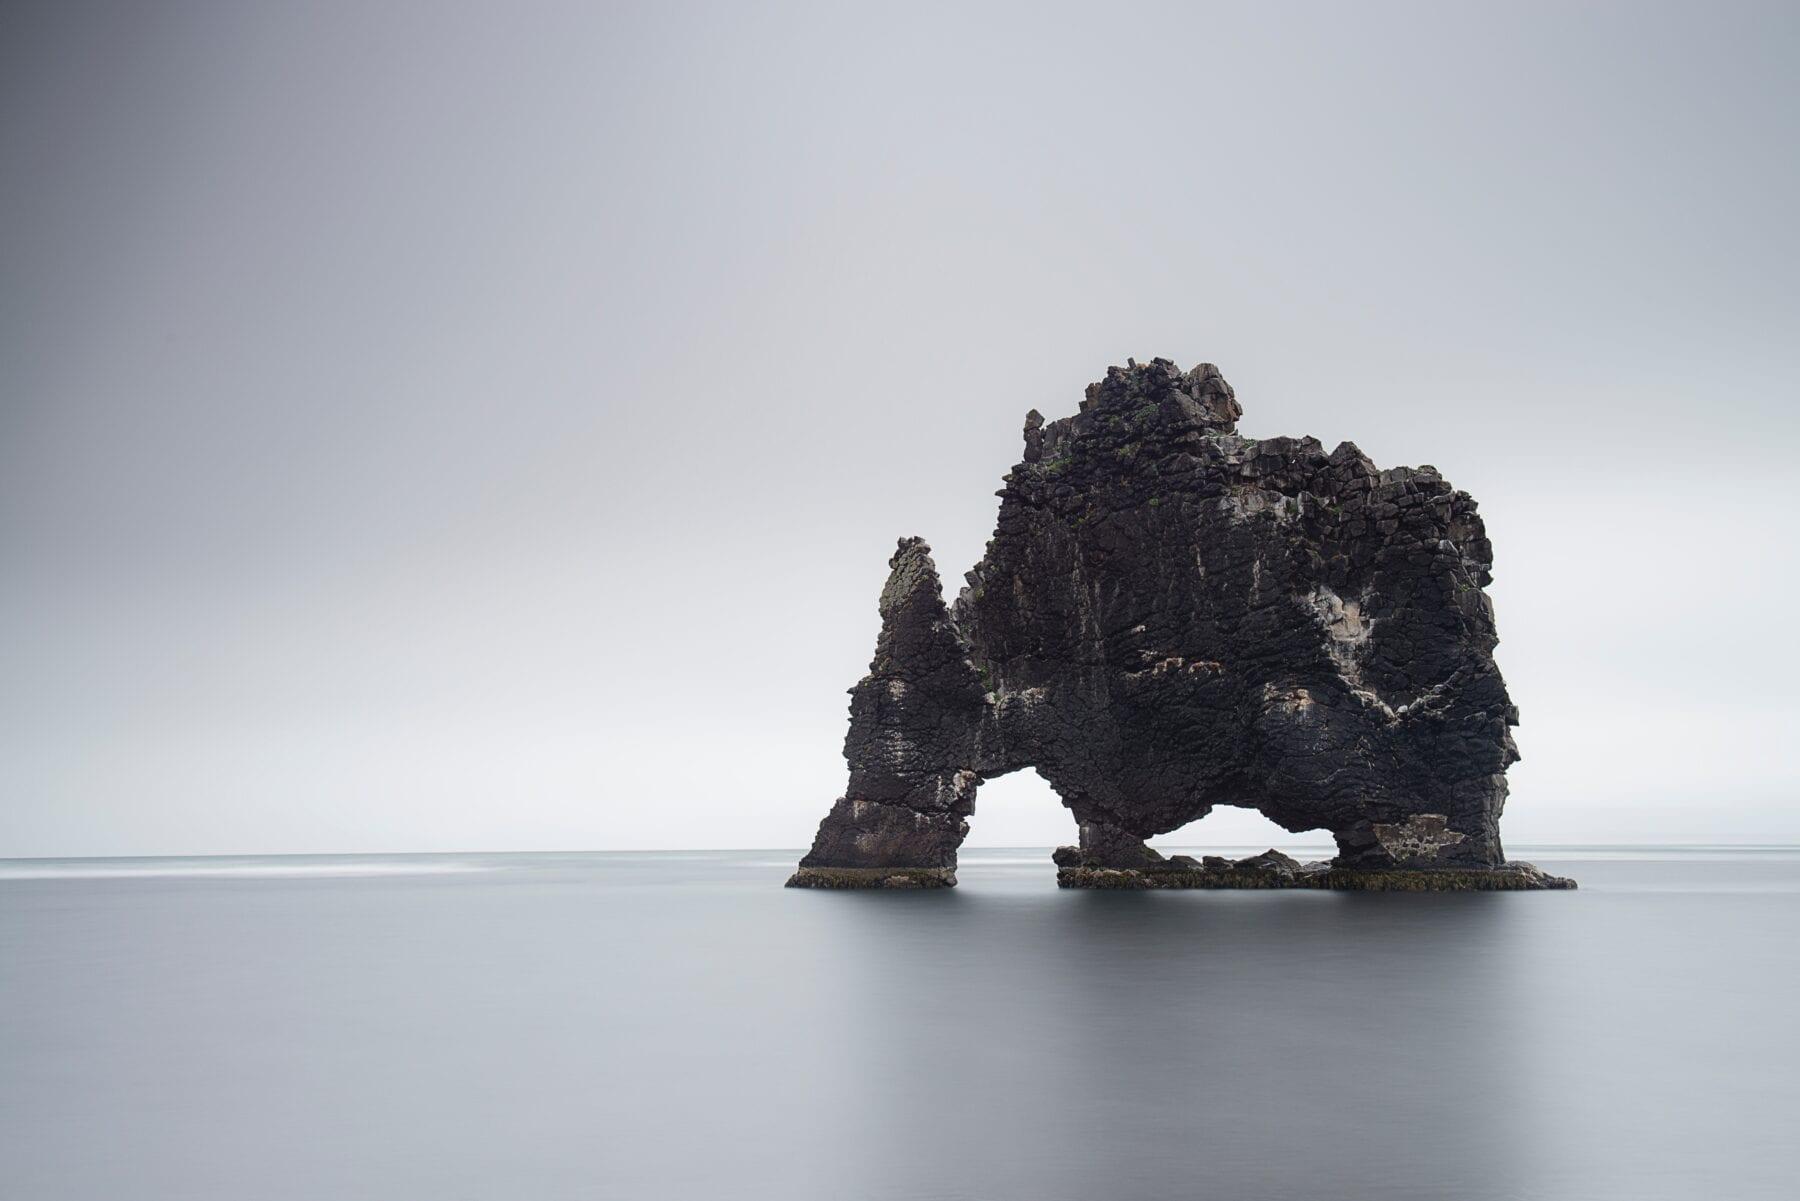 IJsland landshap zee